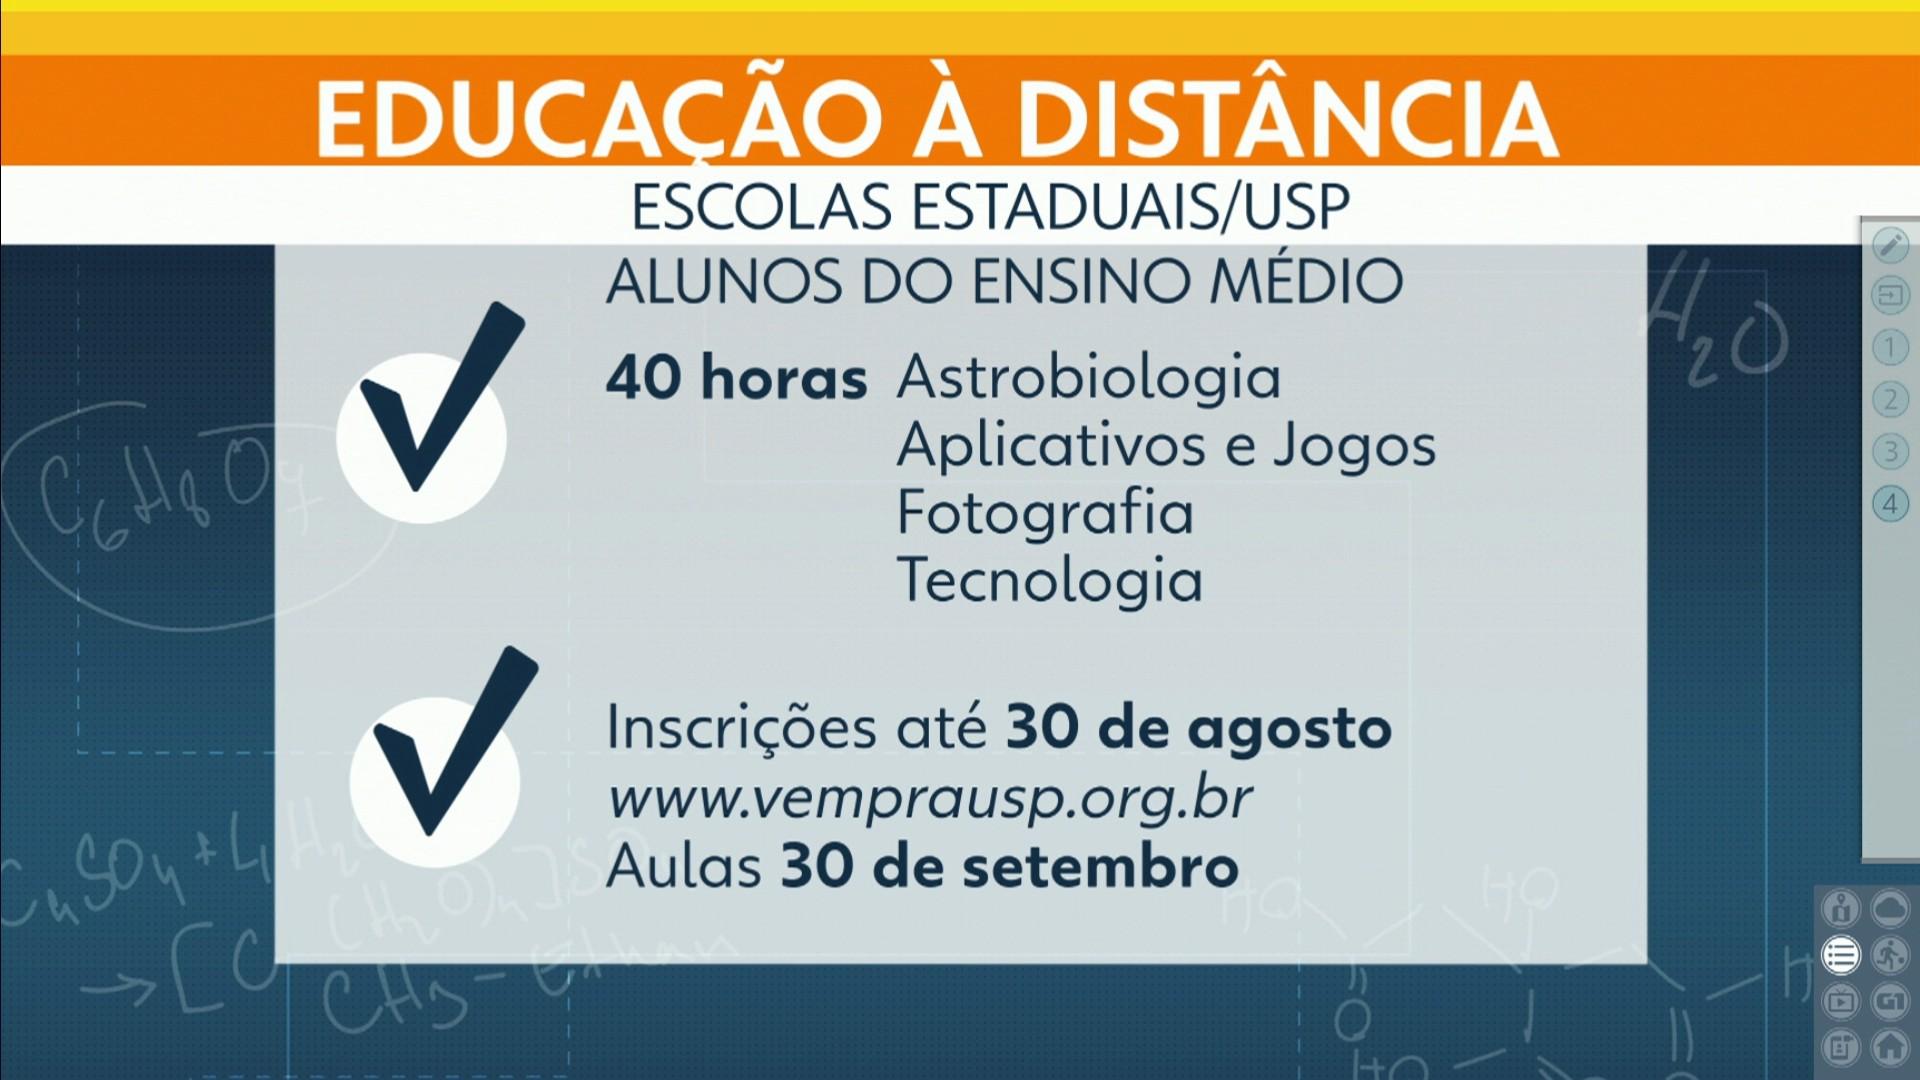 USP oferece 18 mil vagas em cursos à distância para alunos da rede estadual - Notícias - Plantão Diário